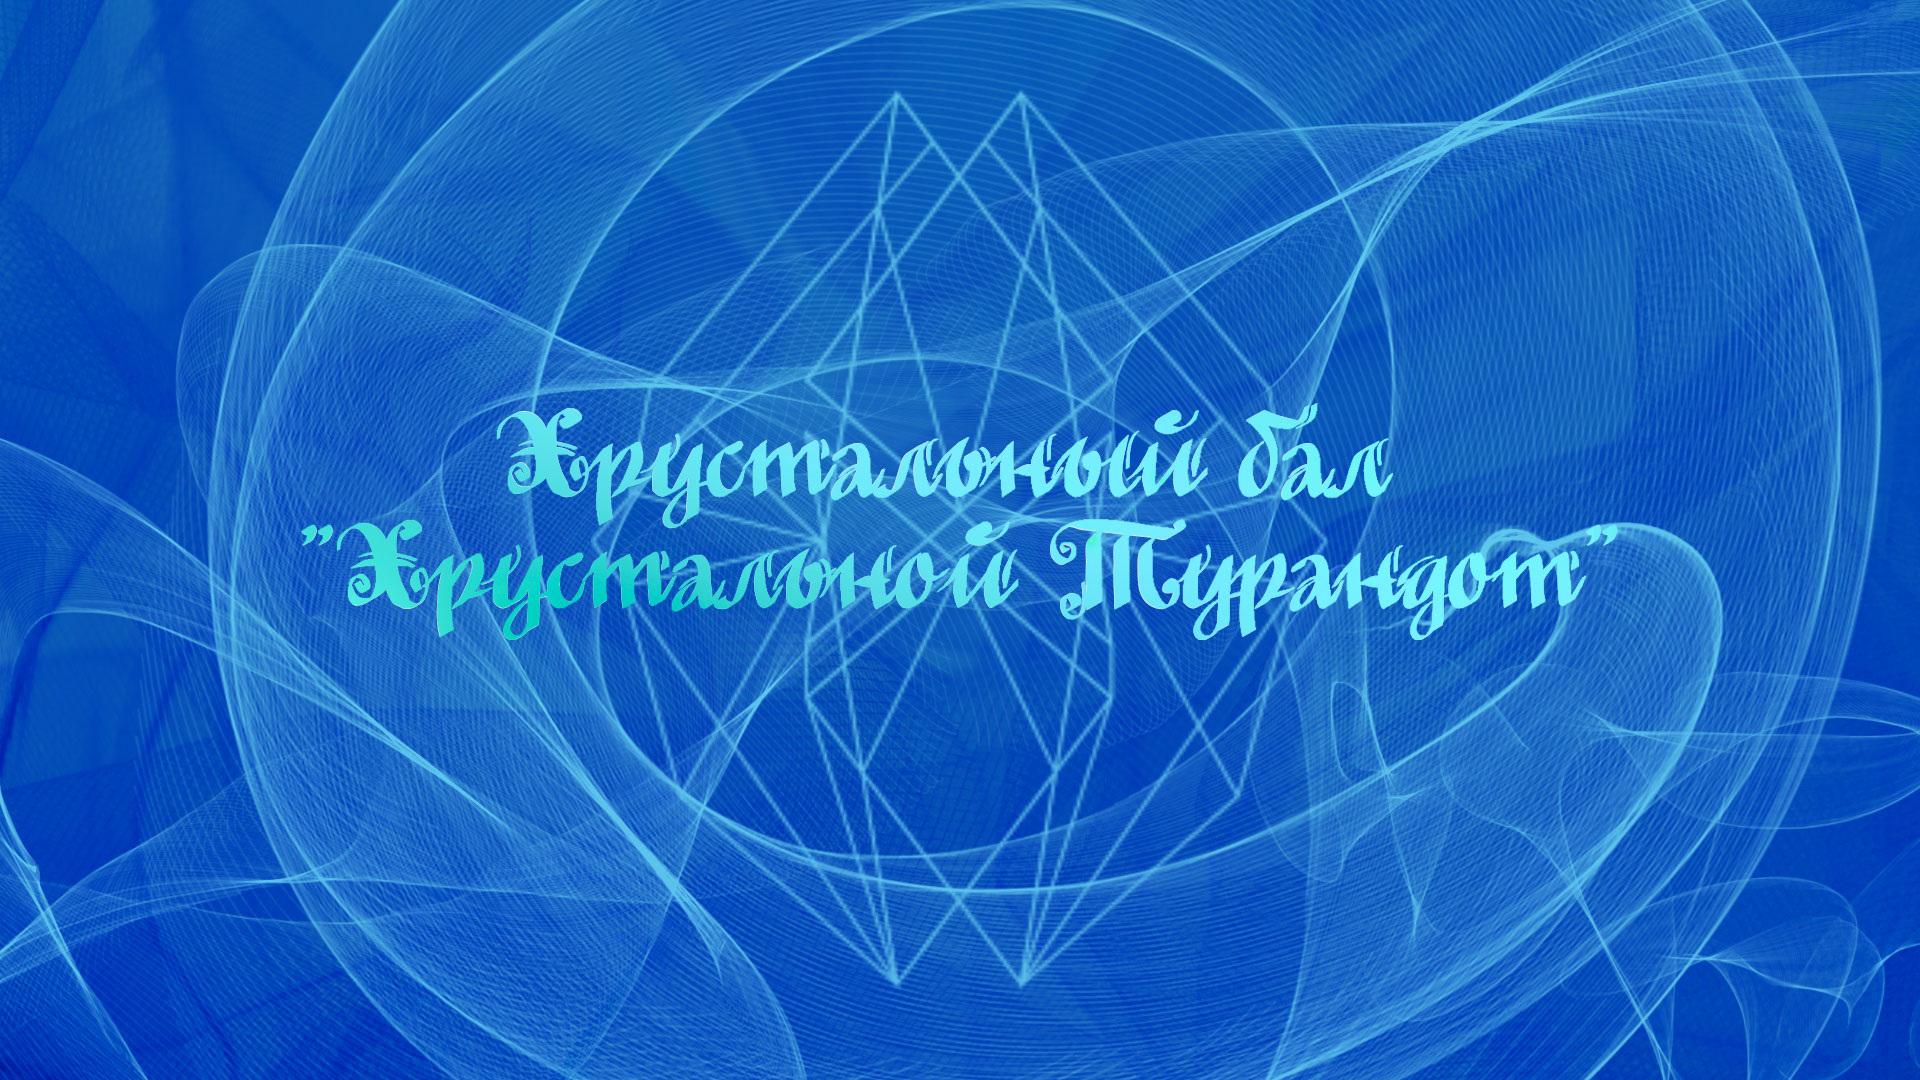 """Хрустальный бал """"Хрустальной Турандот"""""""